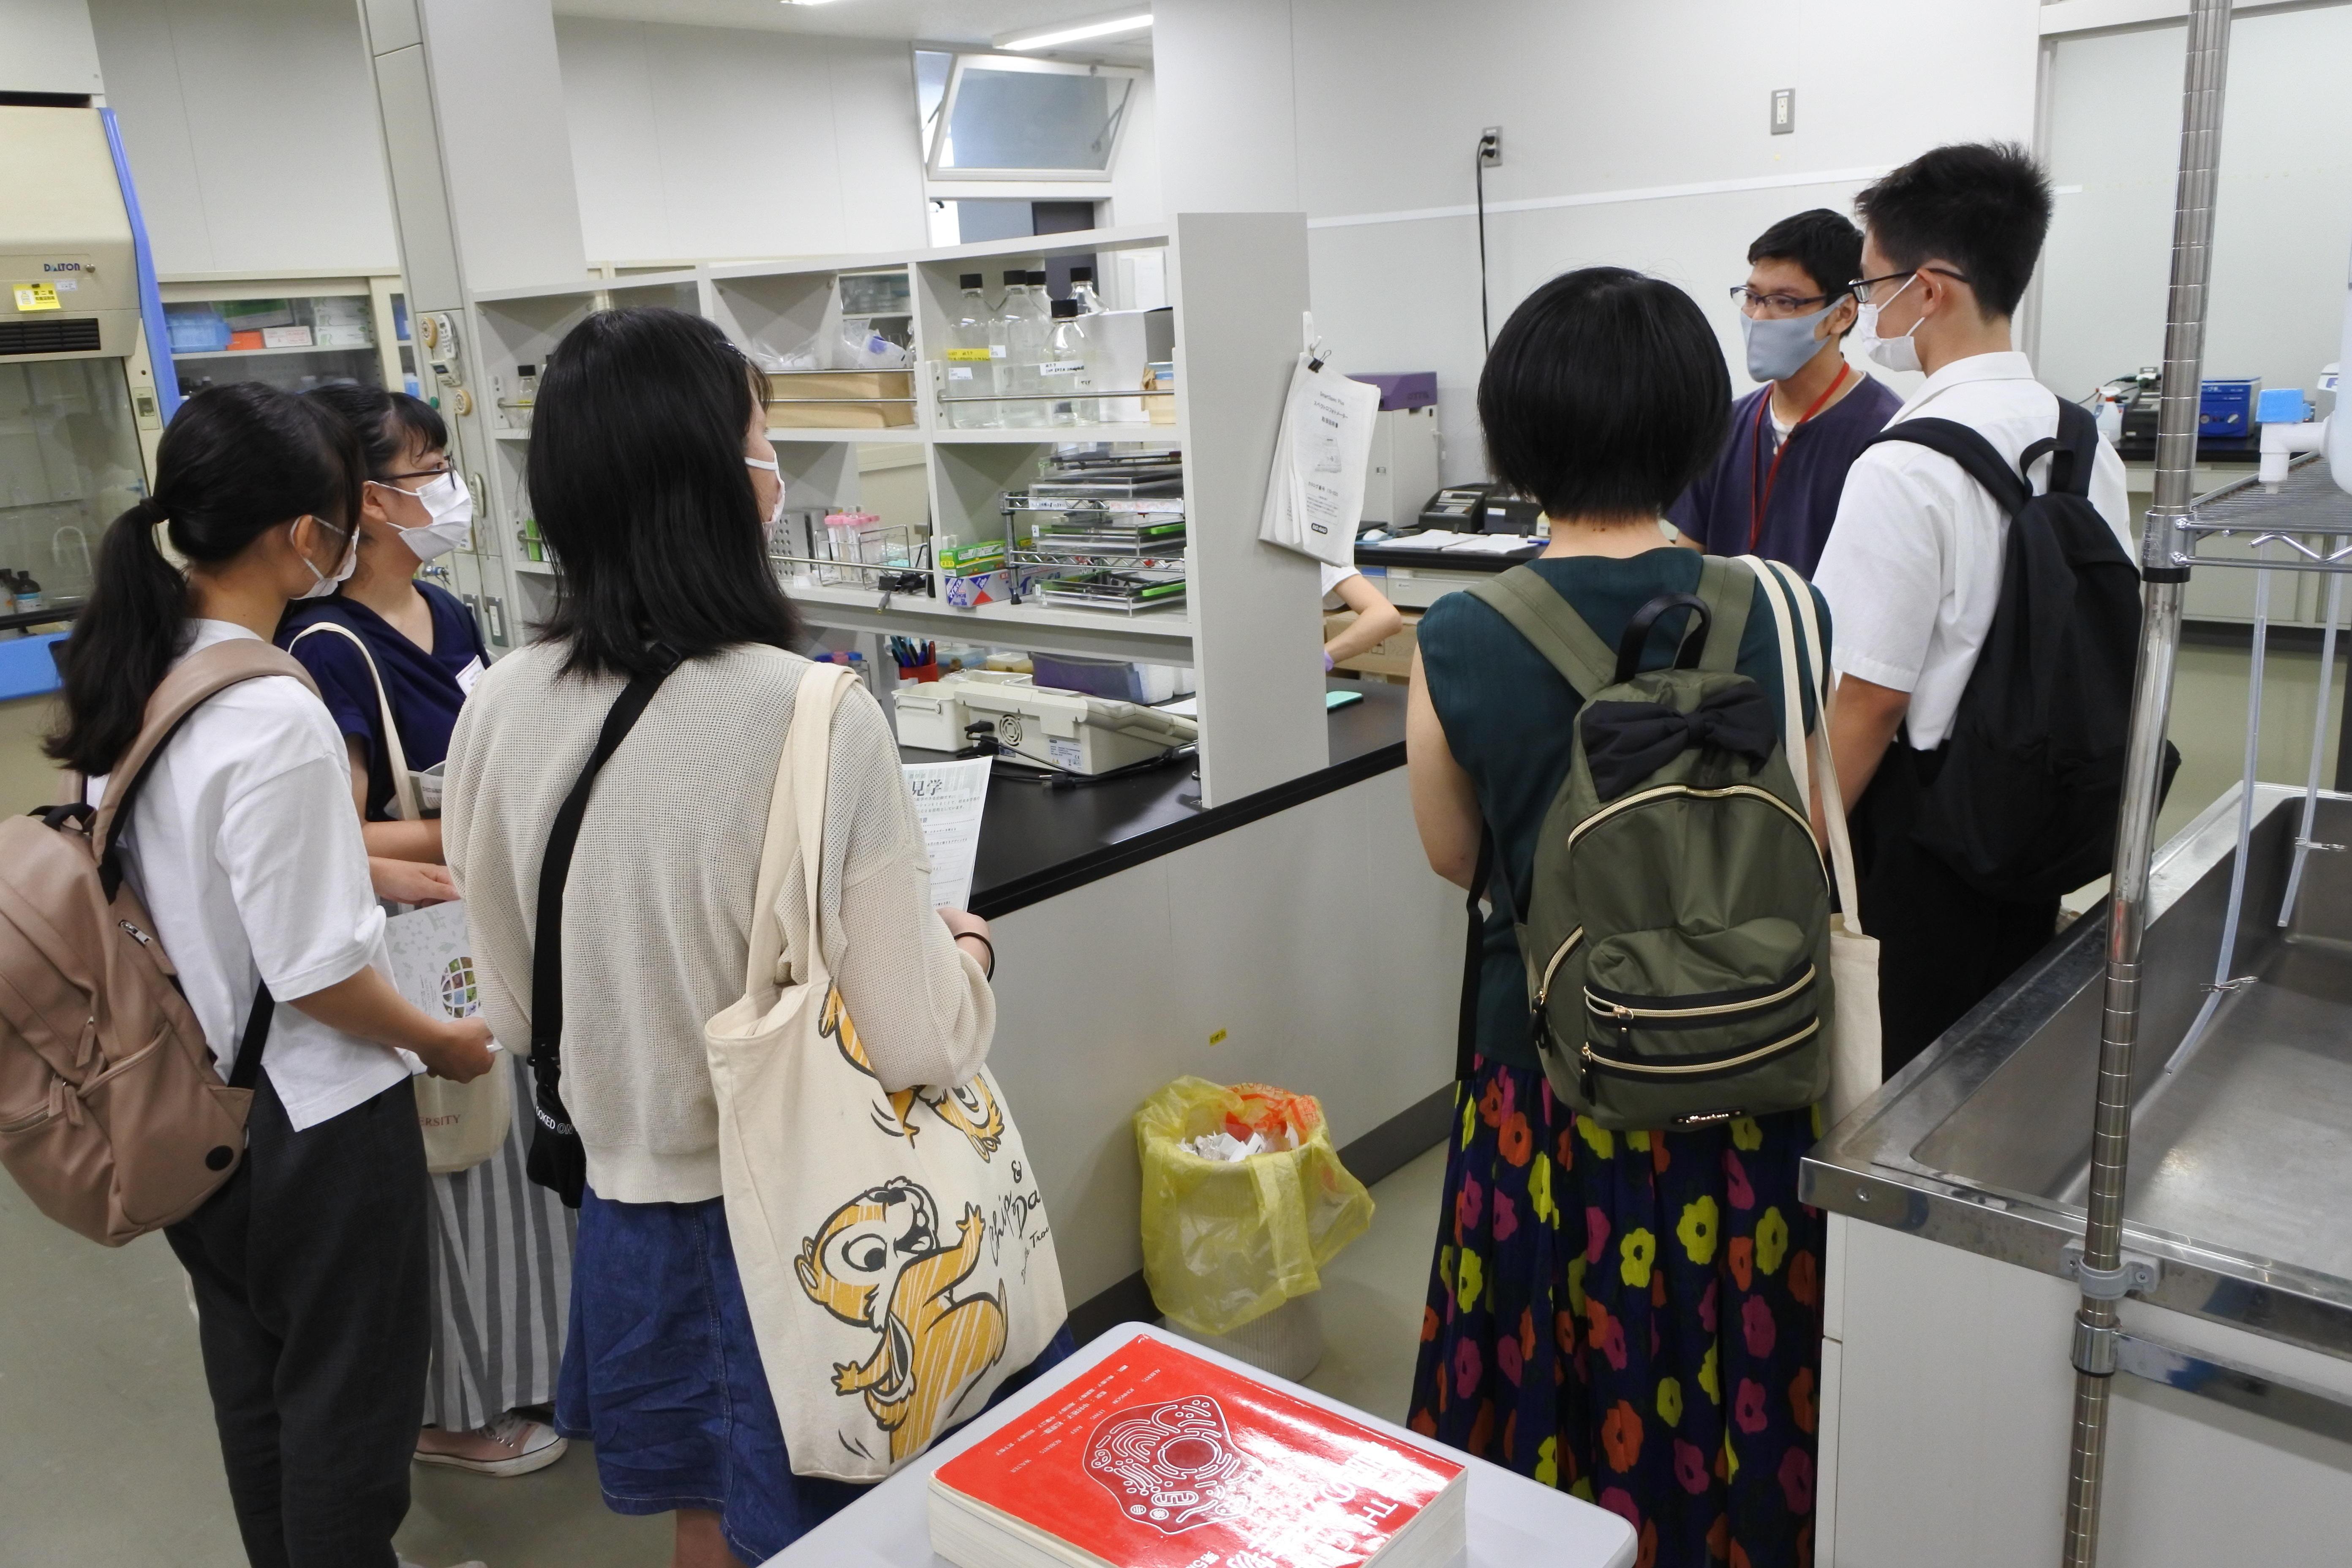 農学部応用生物化学科の生物化学研究室を見学する受験生たち